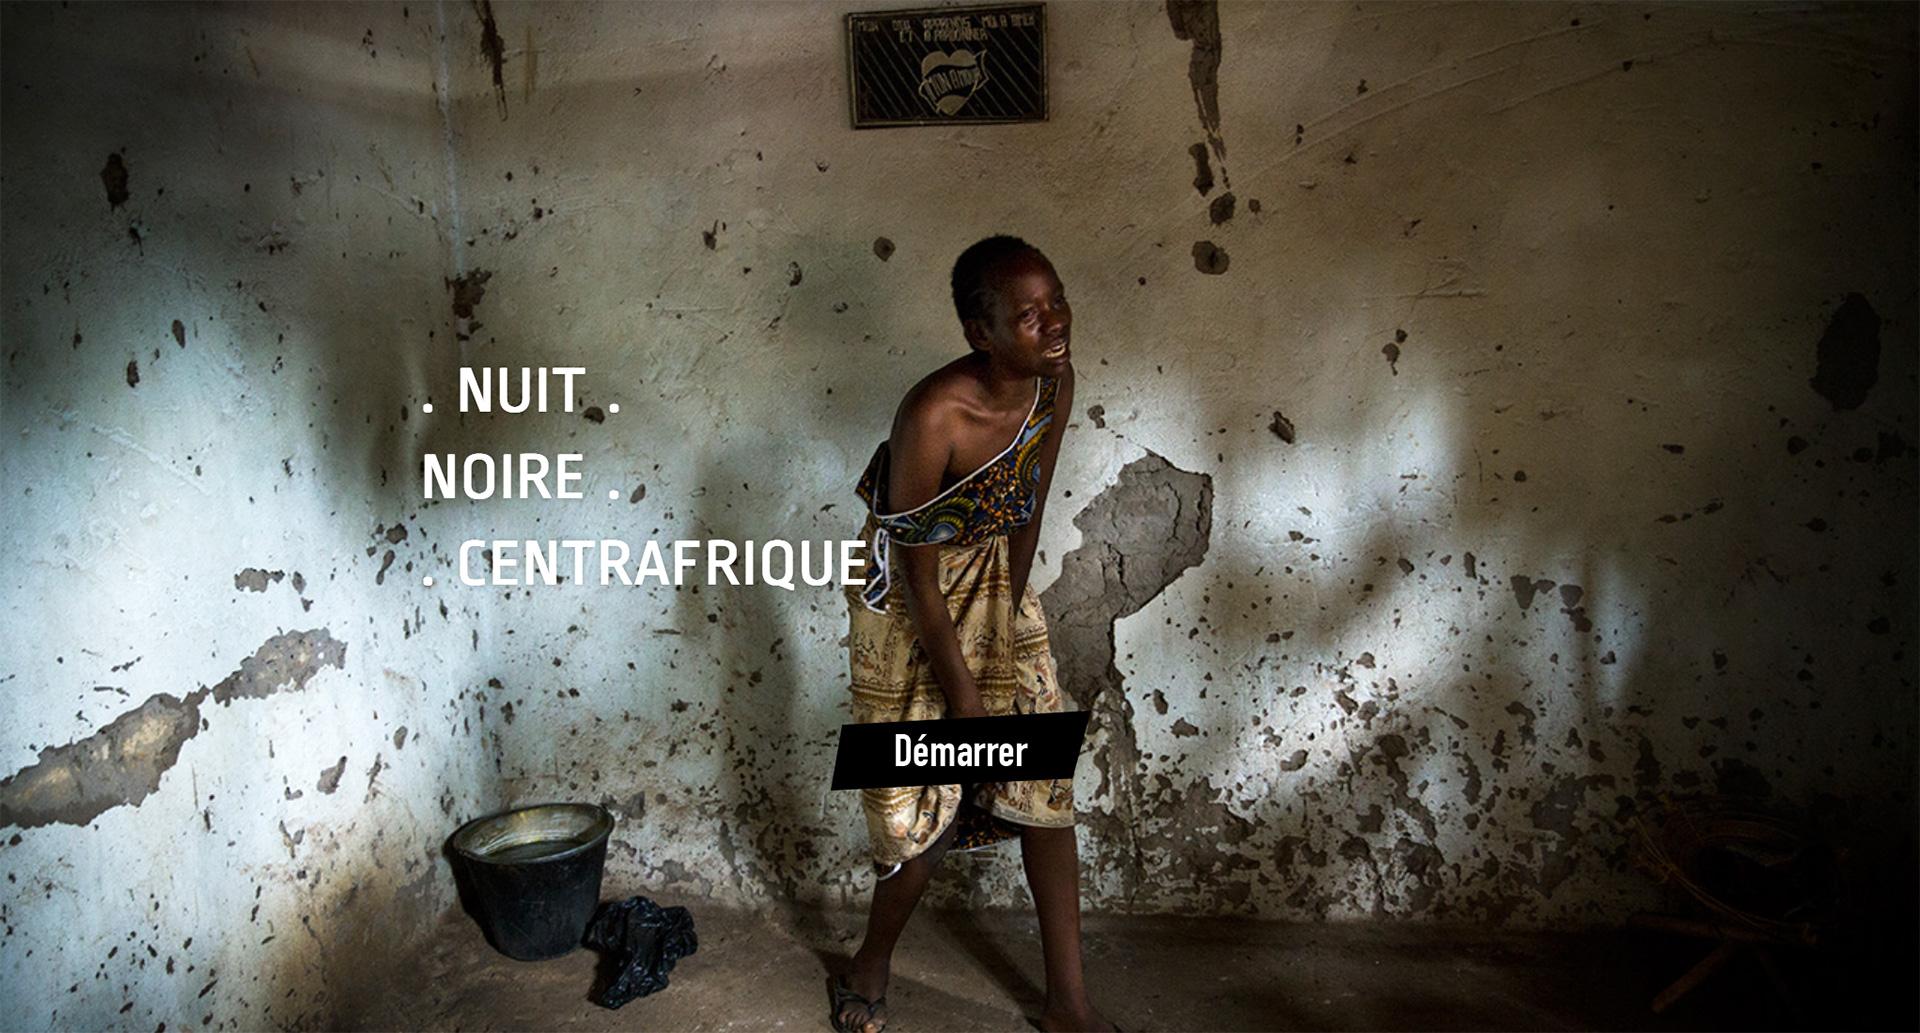 NuitNoire Centrafrique